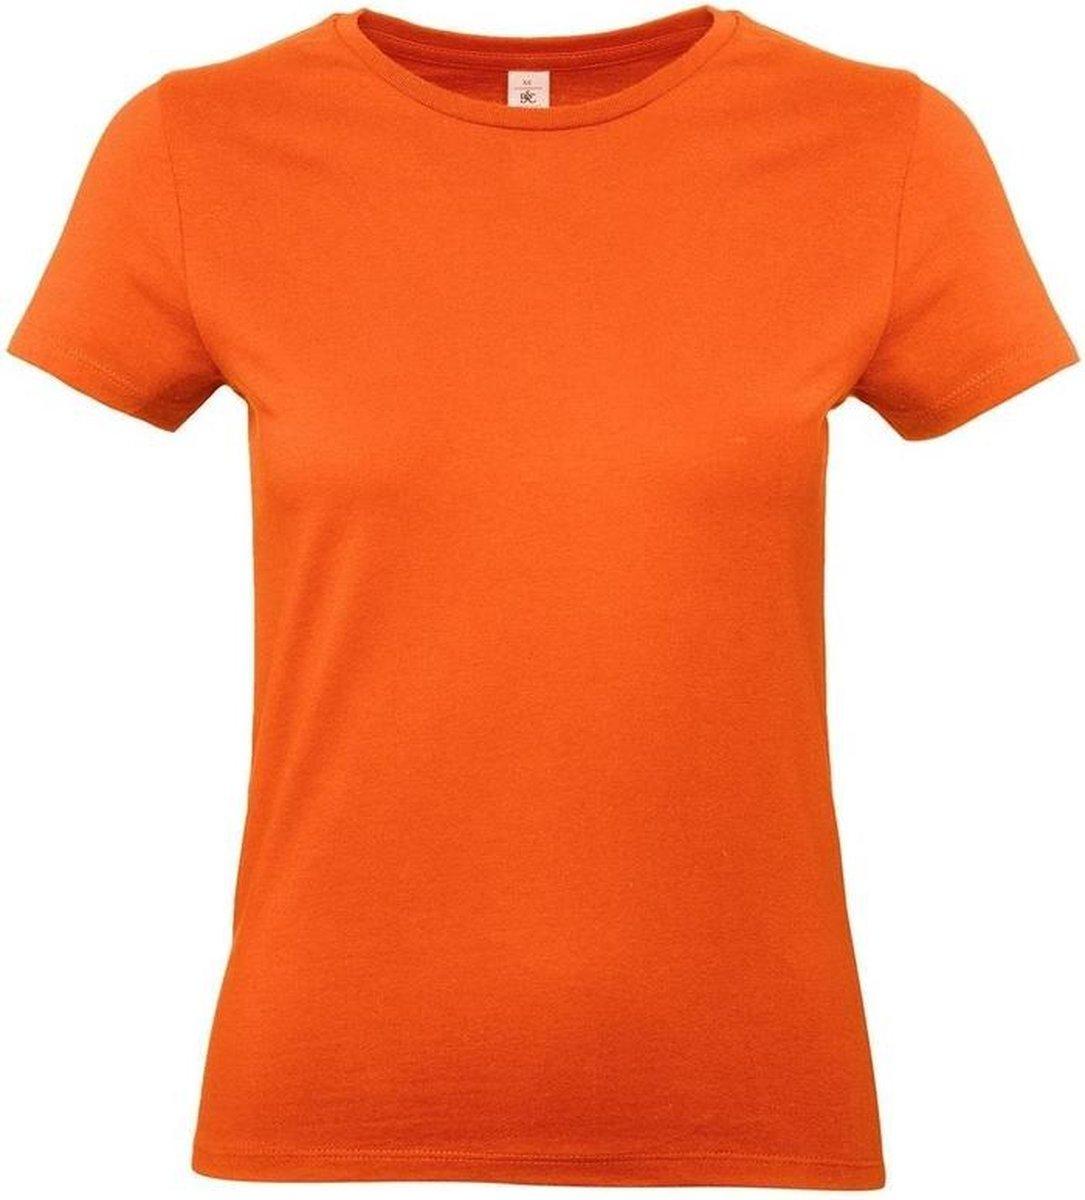 Basic dames t-shirt oranje met ronde hals - Oranje dameskleding casual shirts L (40)